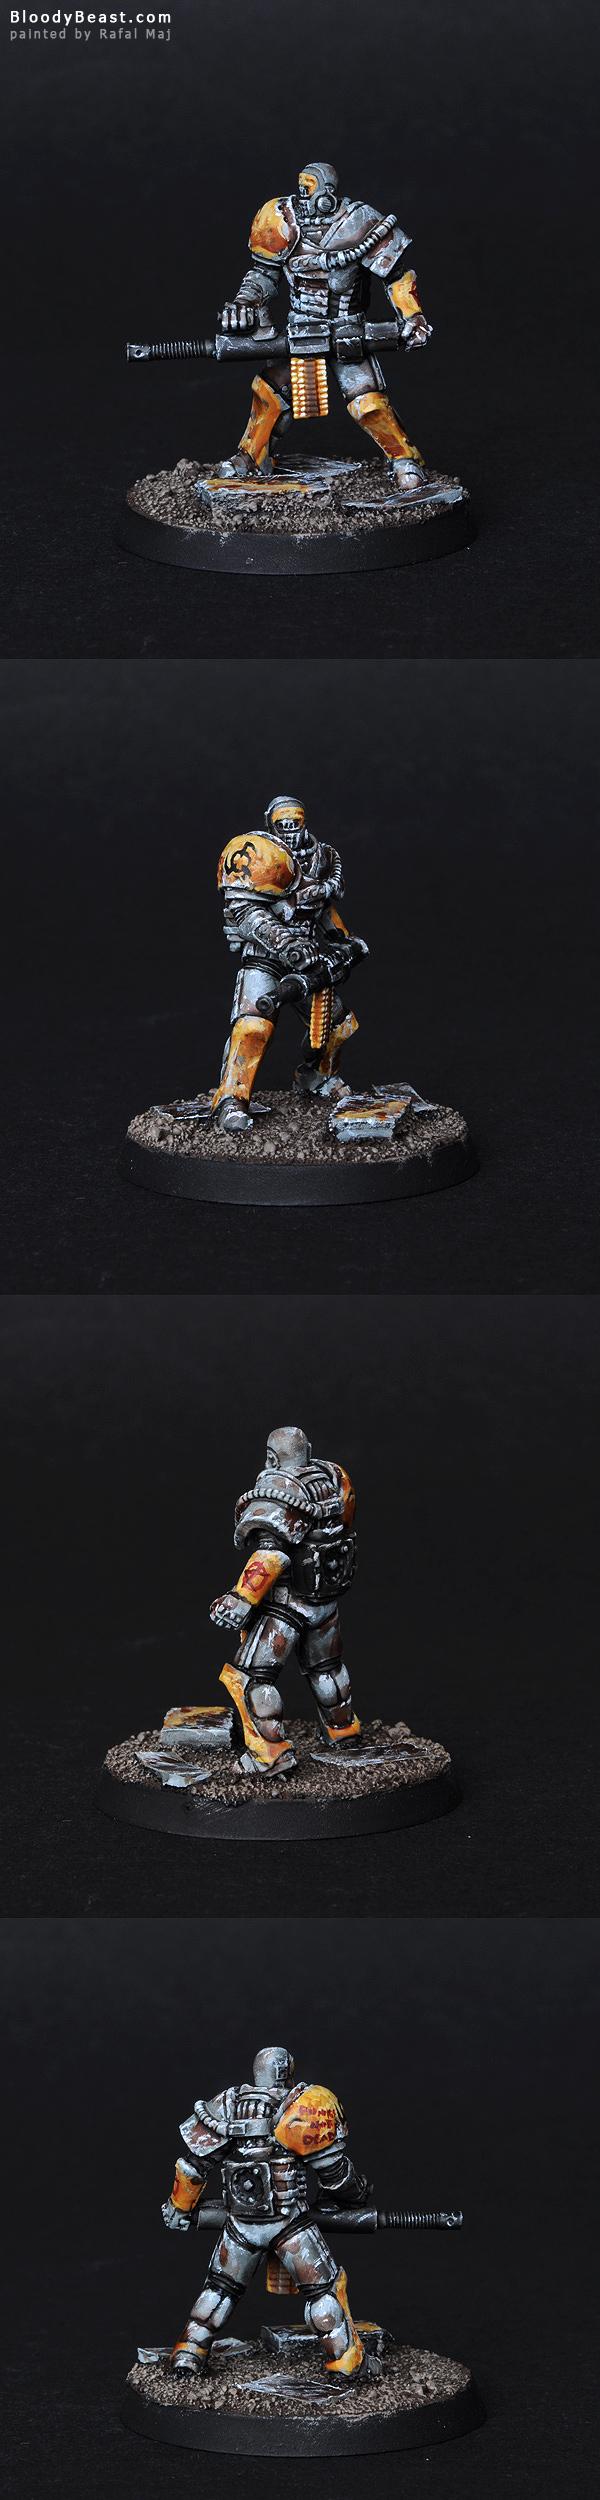 Hegemony Steel Police painted by Rafal Maj (BloodyBeast.com)